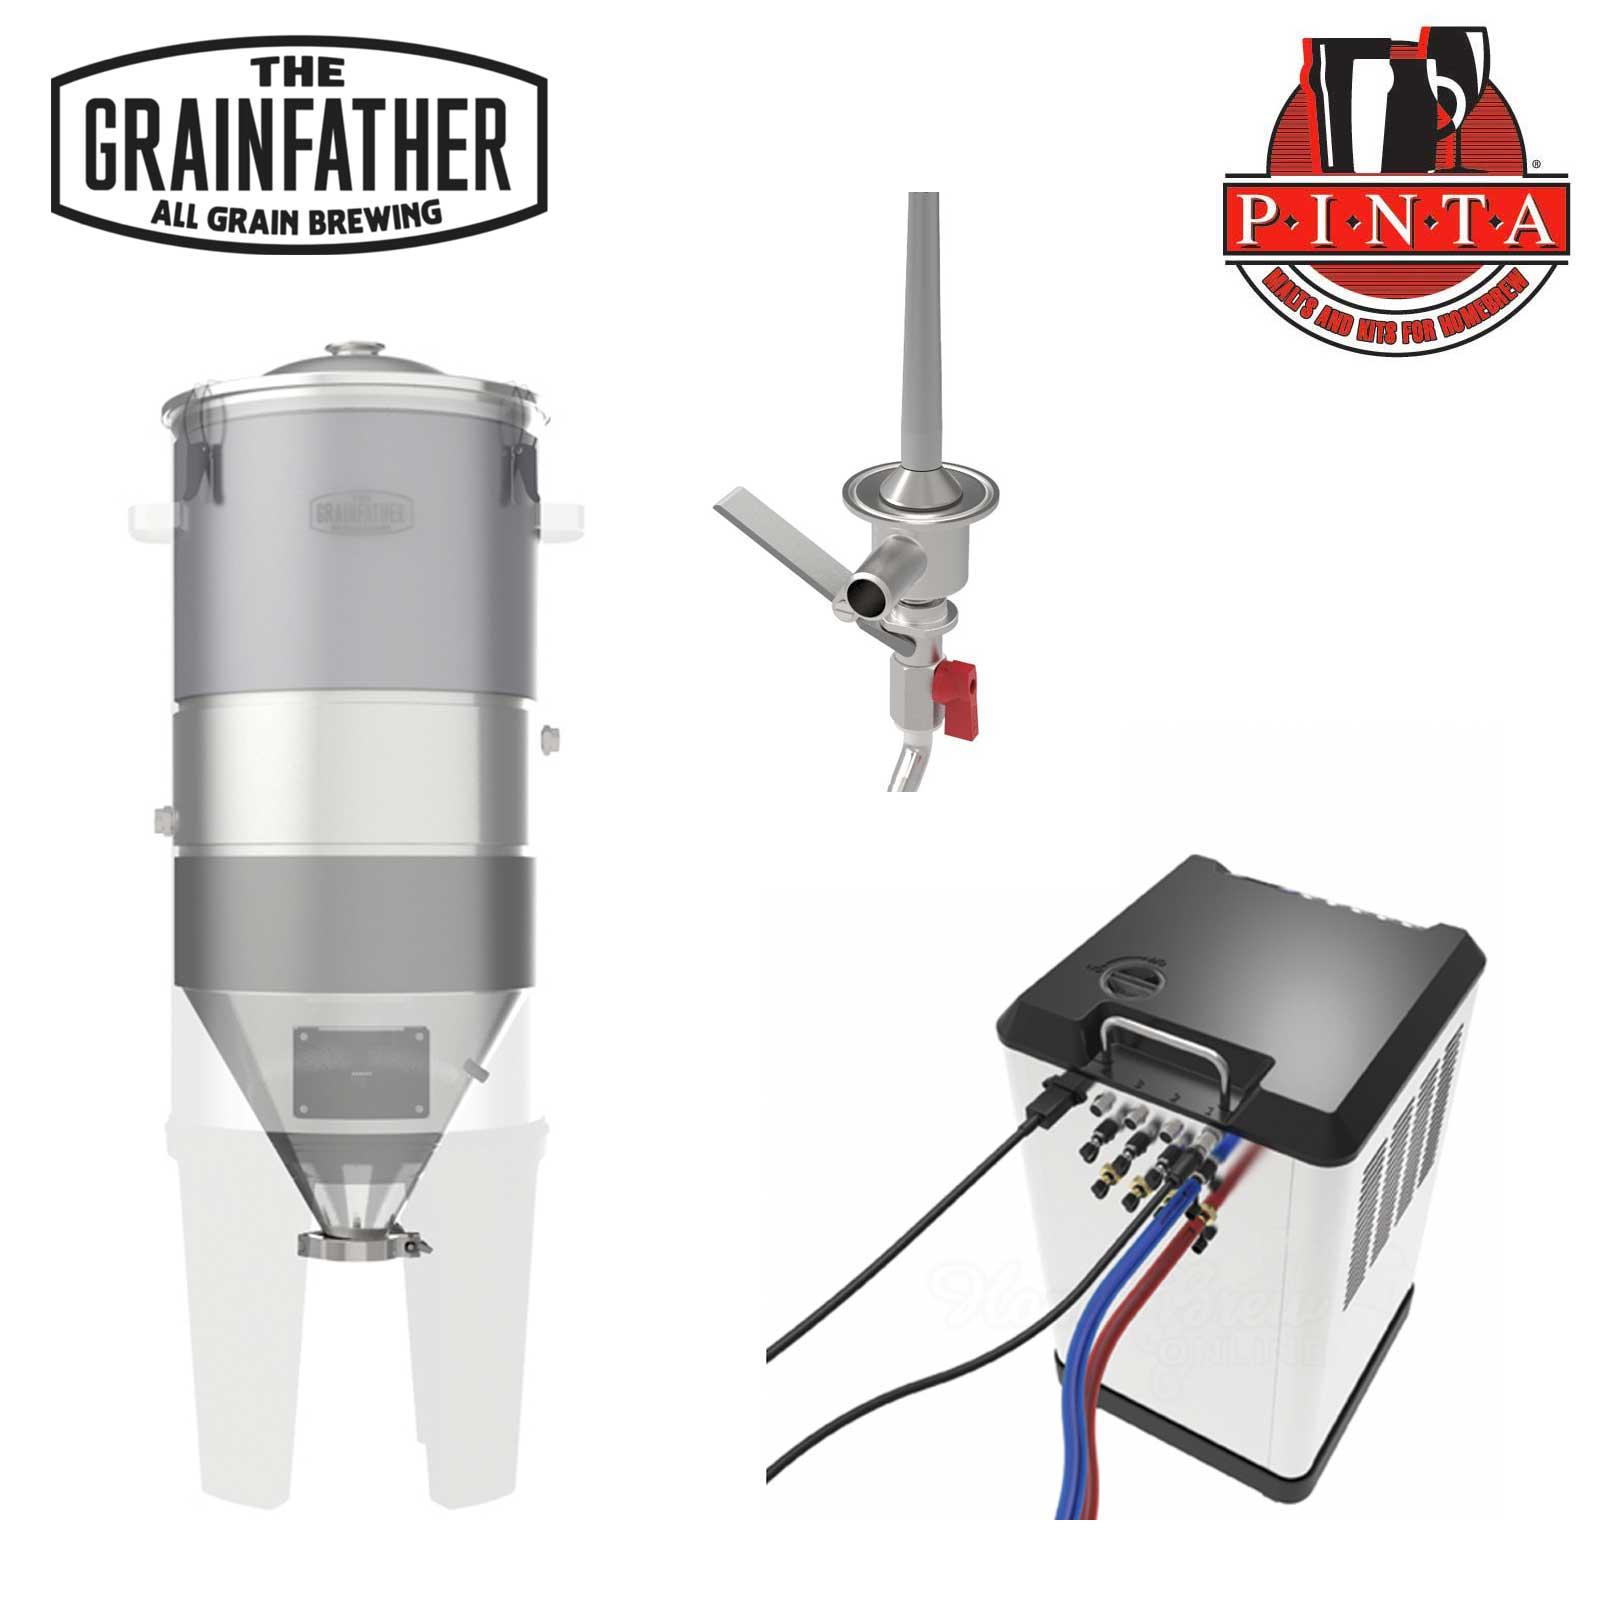 Kit fermentatore Grainfather + Glycol Chiller controllo temperatura